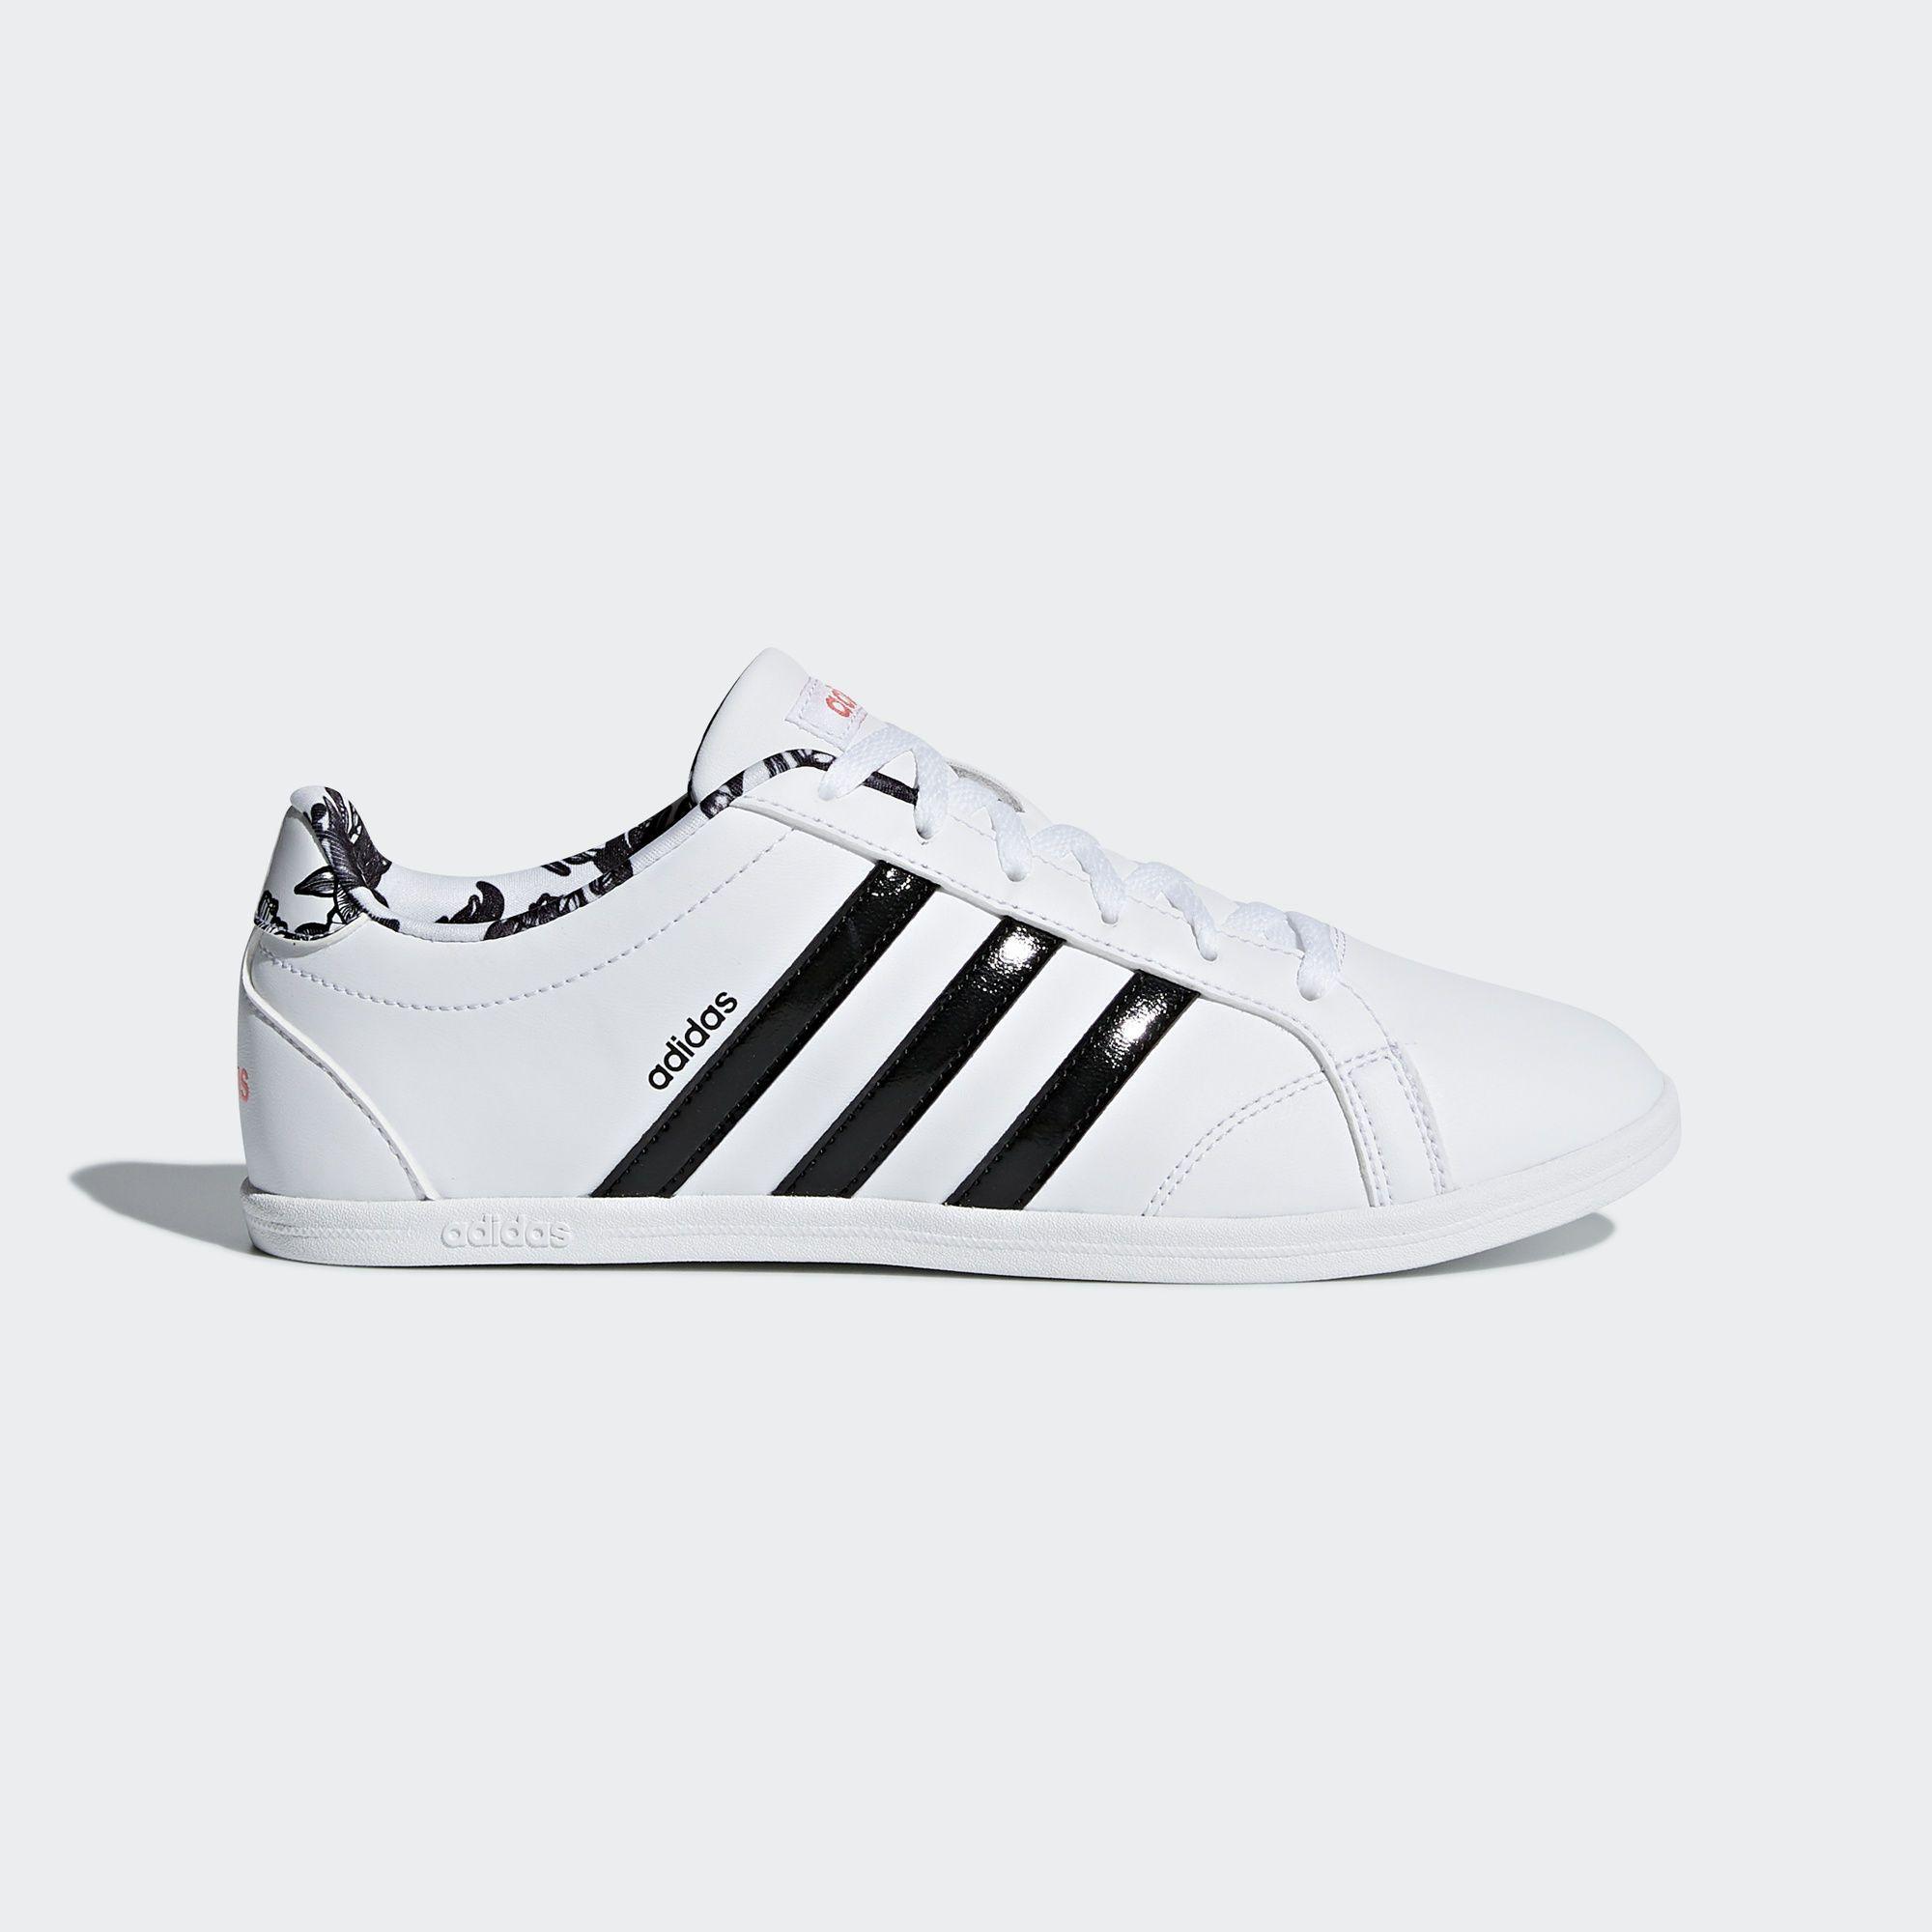 adidas Chaussure VS Coneo QT - blanc maintenant disponible sur adidas.fr !  Découvre tous